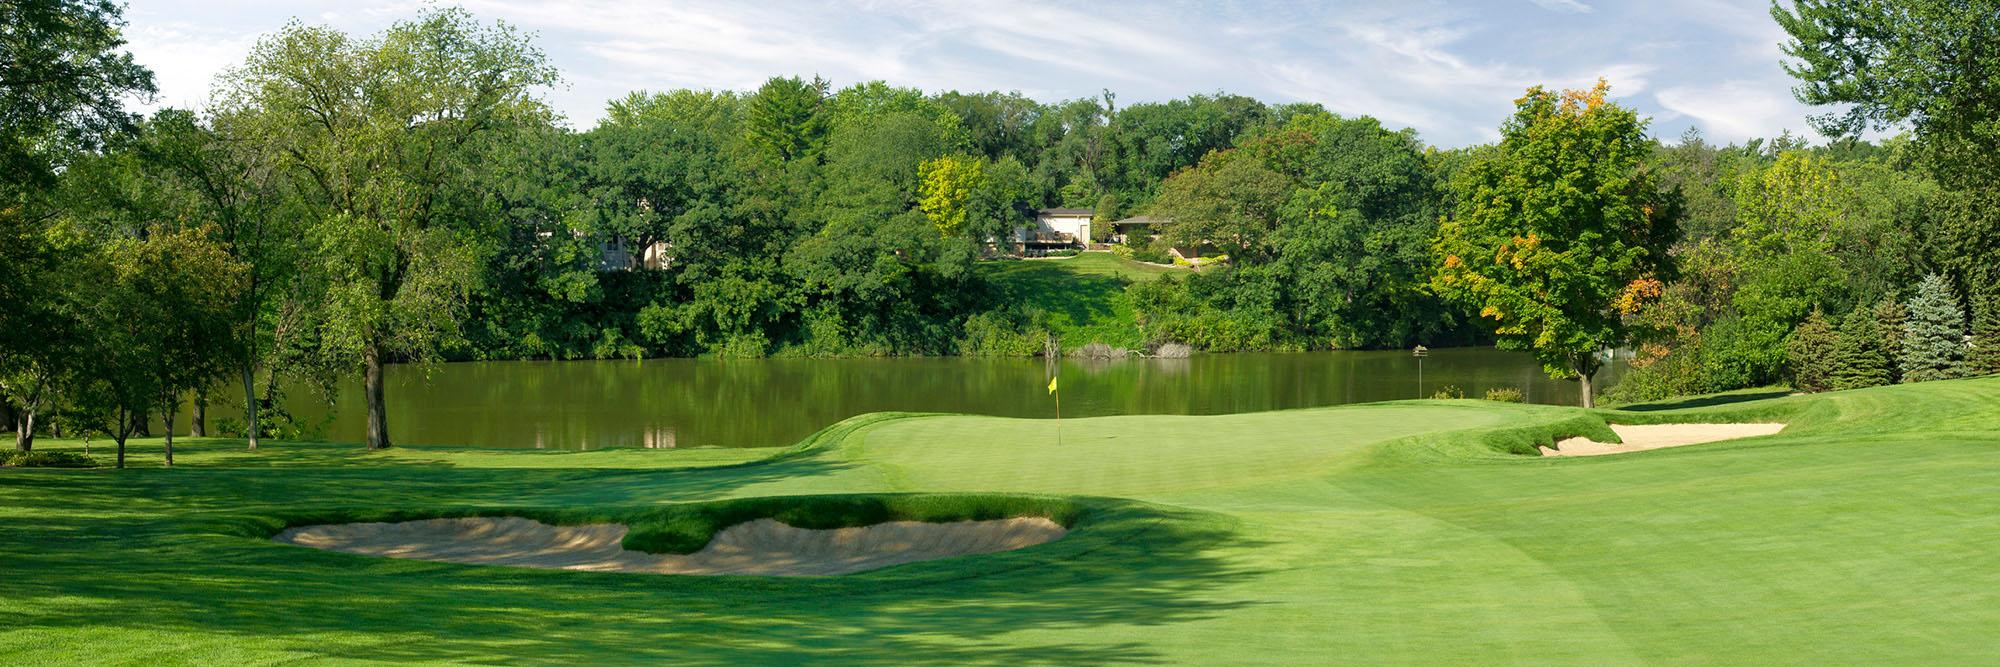 Golf Course Image - Interlachen No. 13